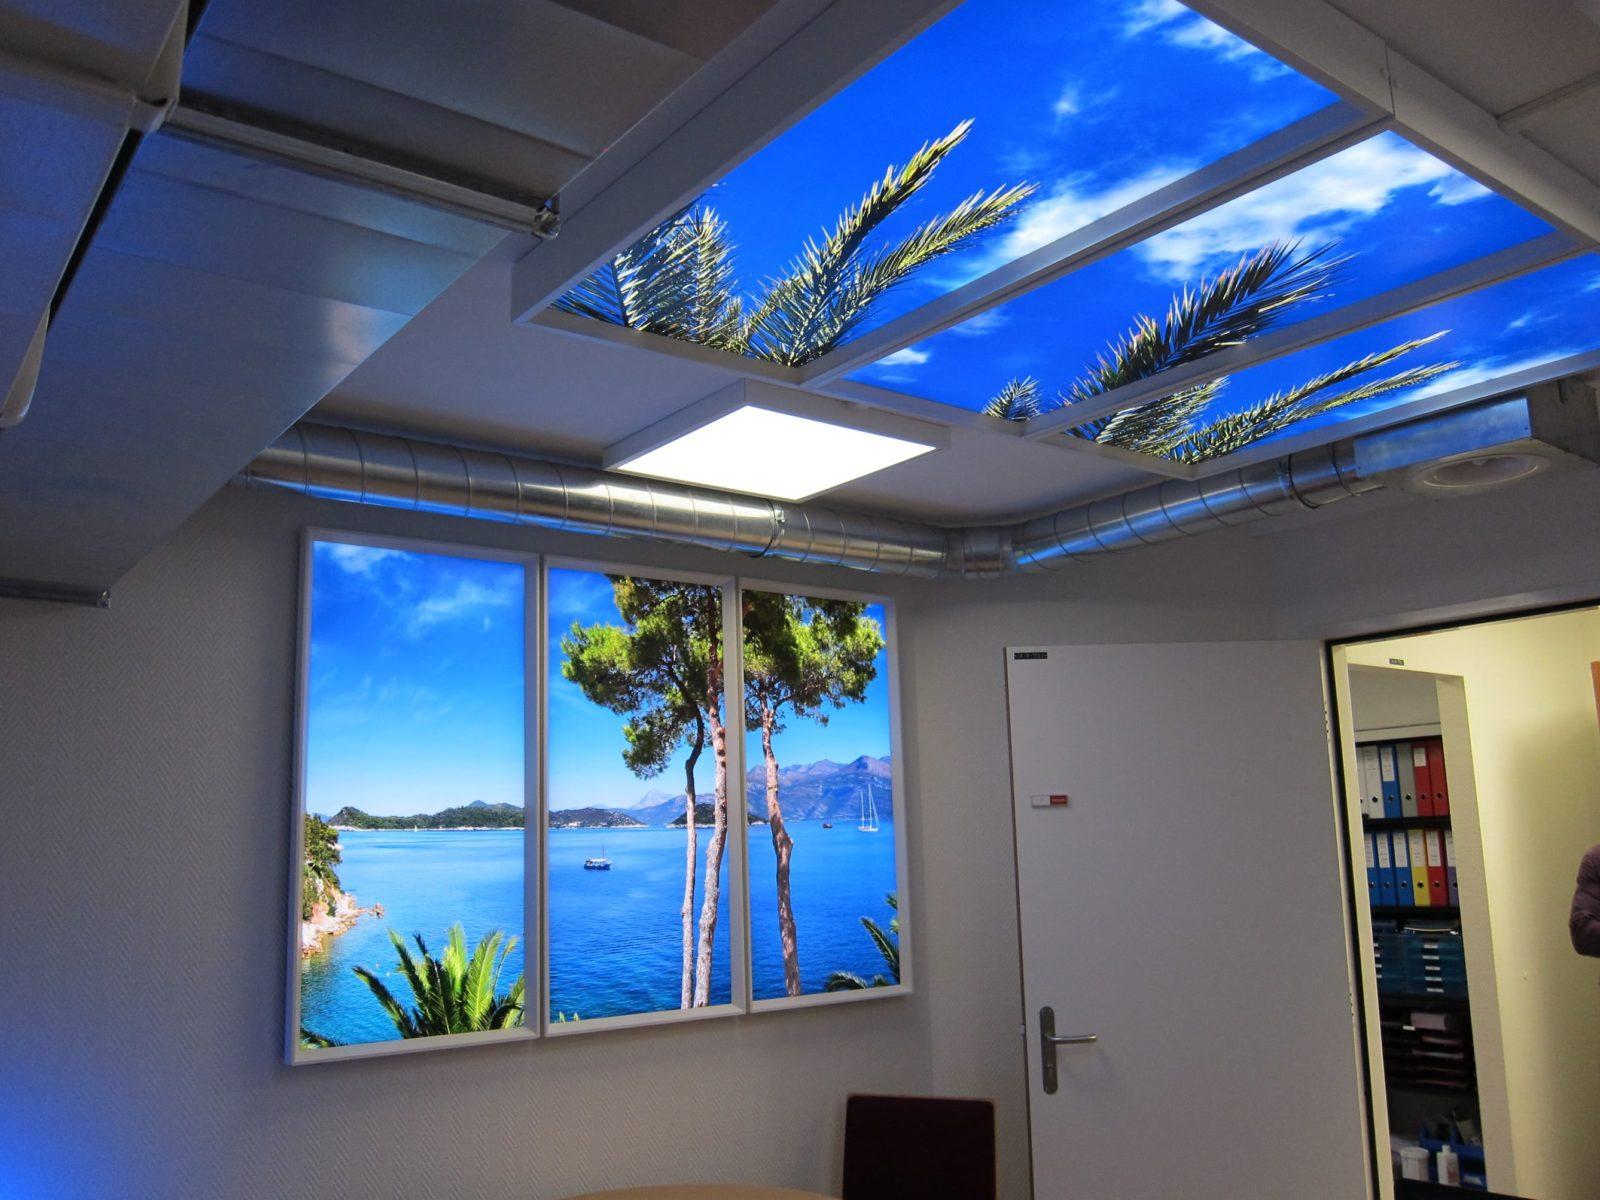 faux plafond lumineux et fausse fenêtre